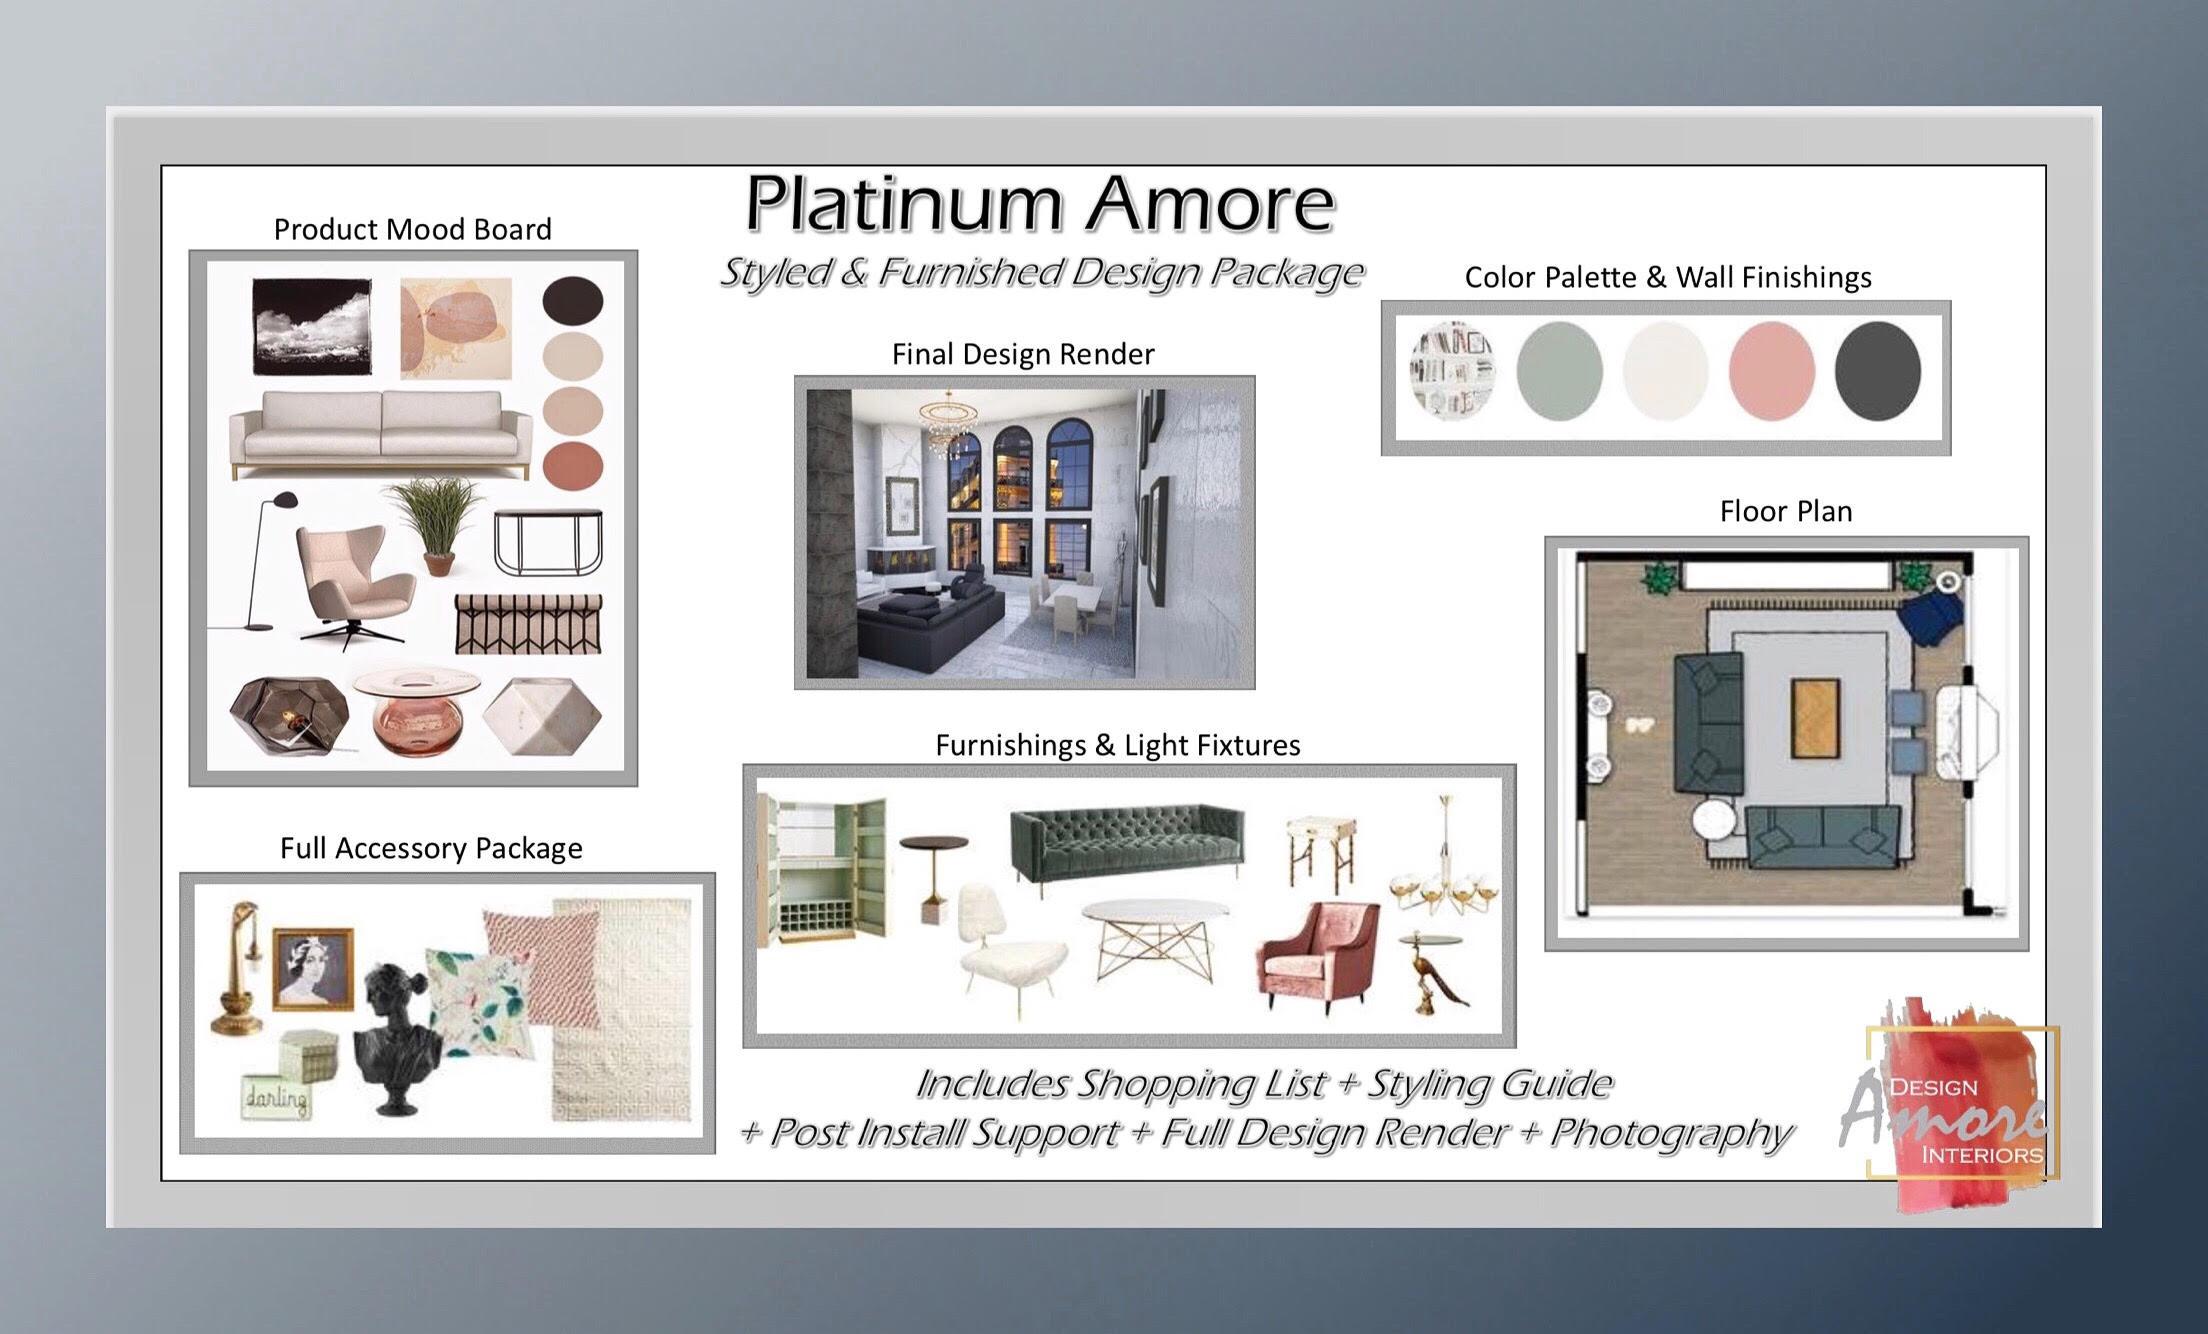 Platinum Amore